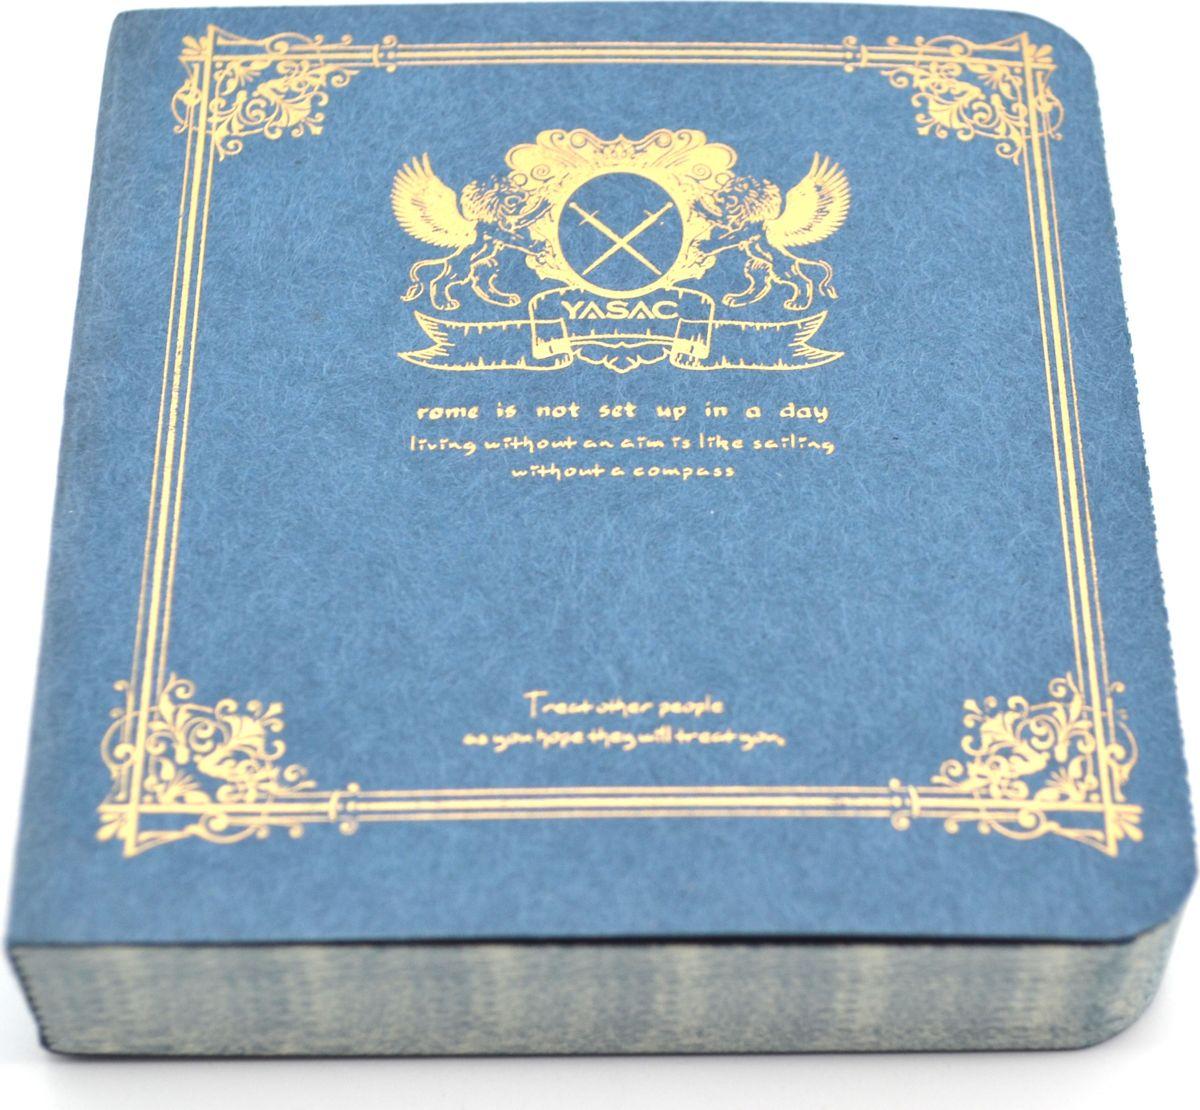 Zhelang Блокнот 80 листов в линейку цвет синий8360СБлокнот с золотым принтом на обложке. Внутри 80 линованных листов с окантовкой.